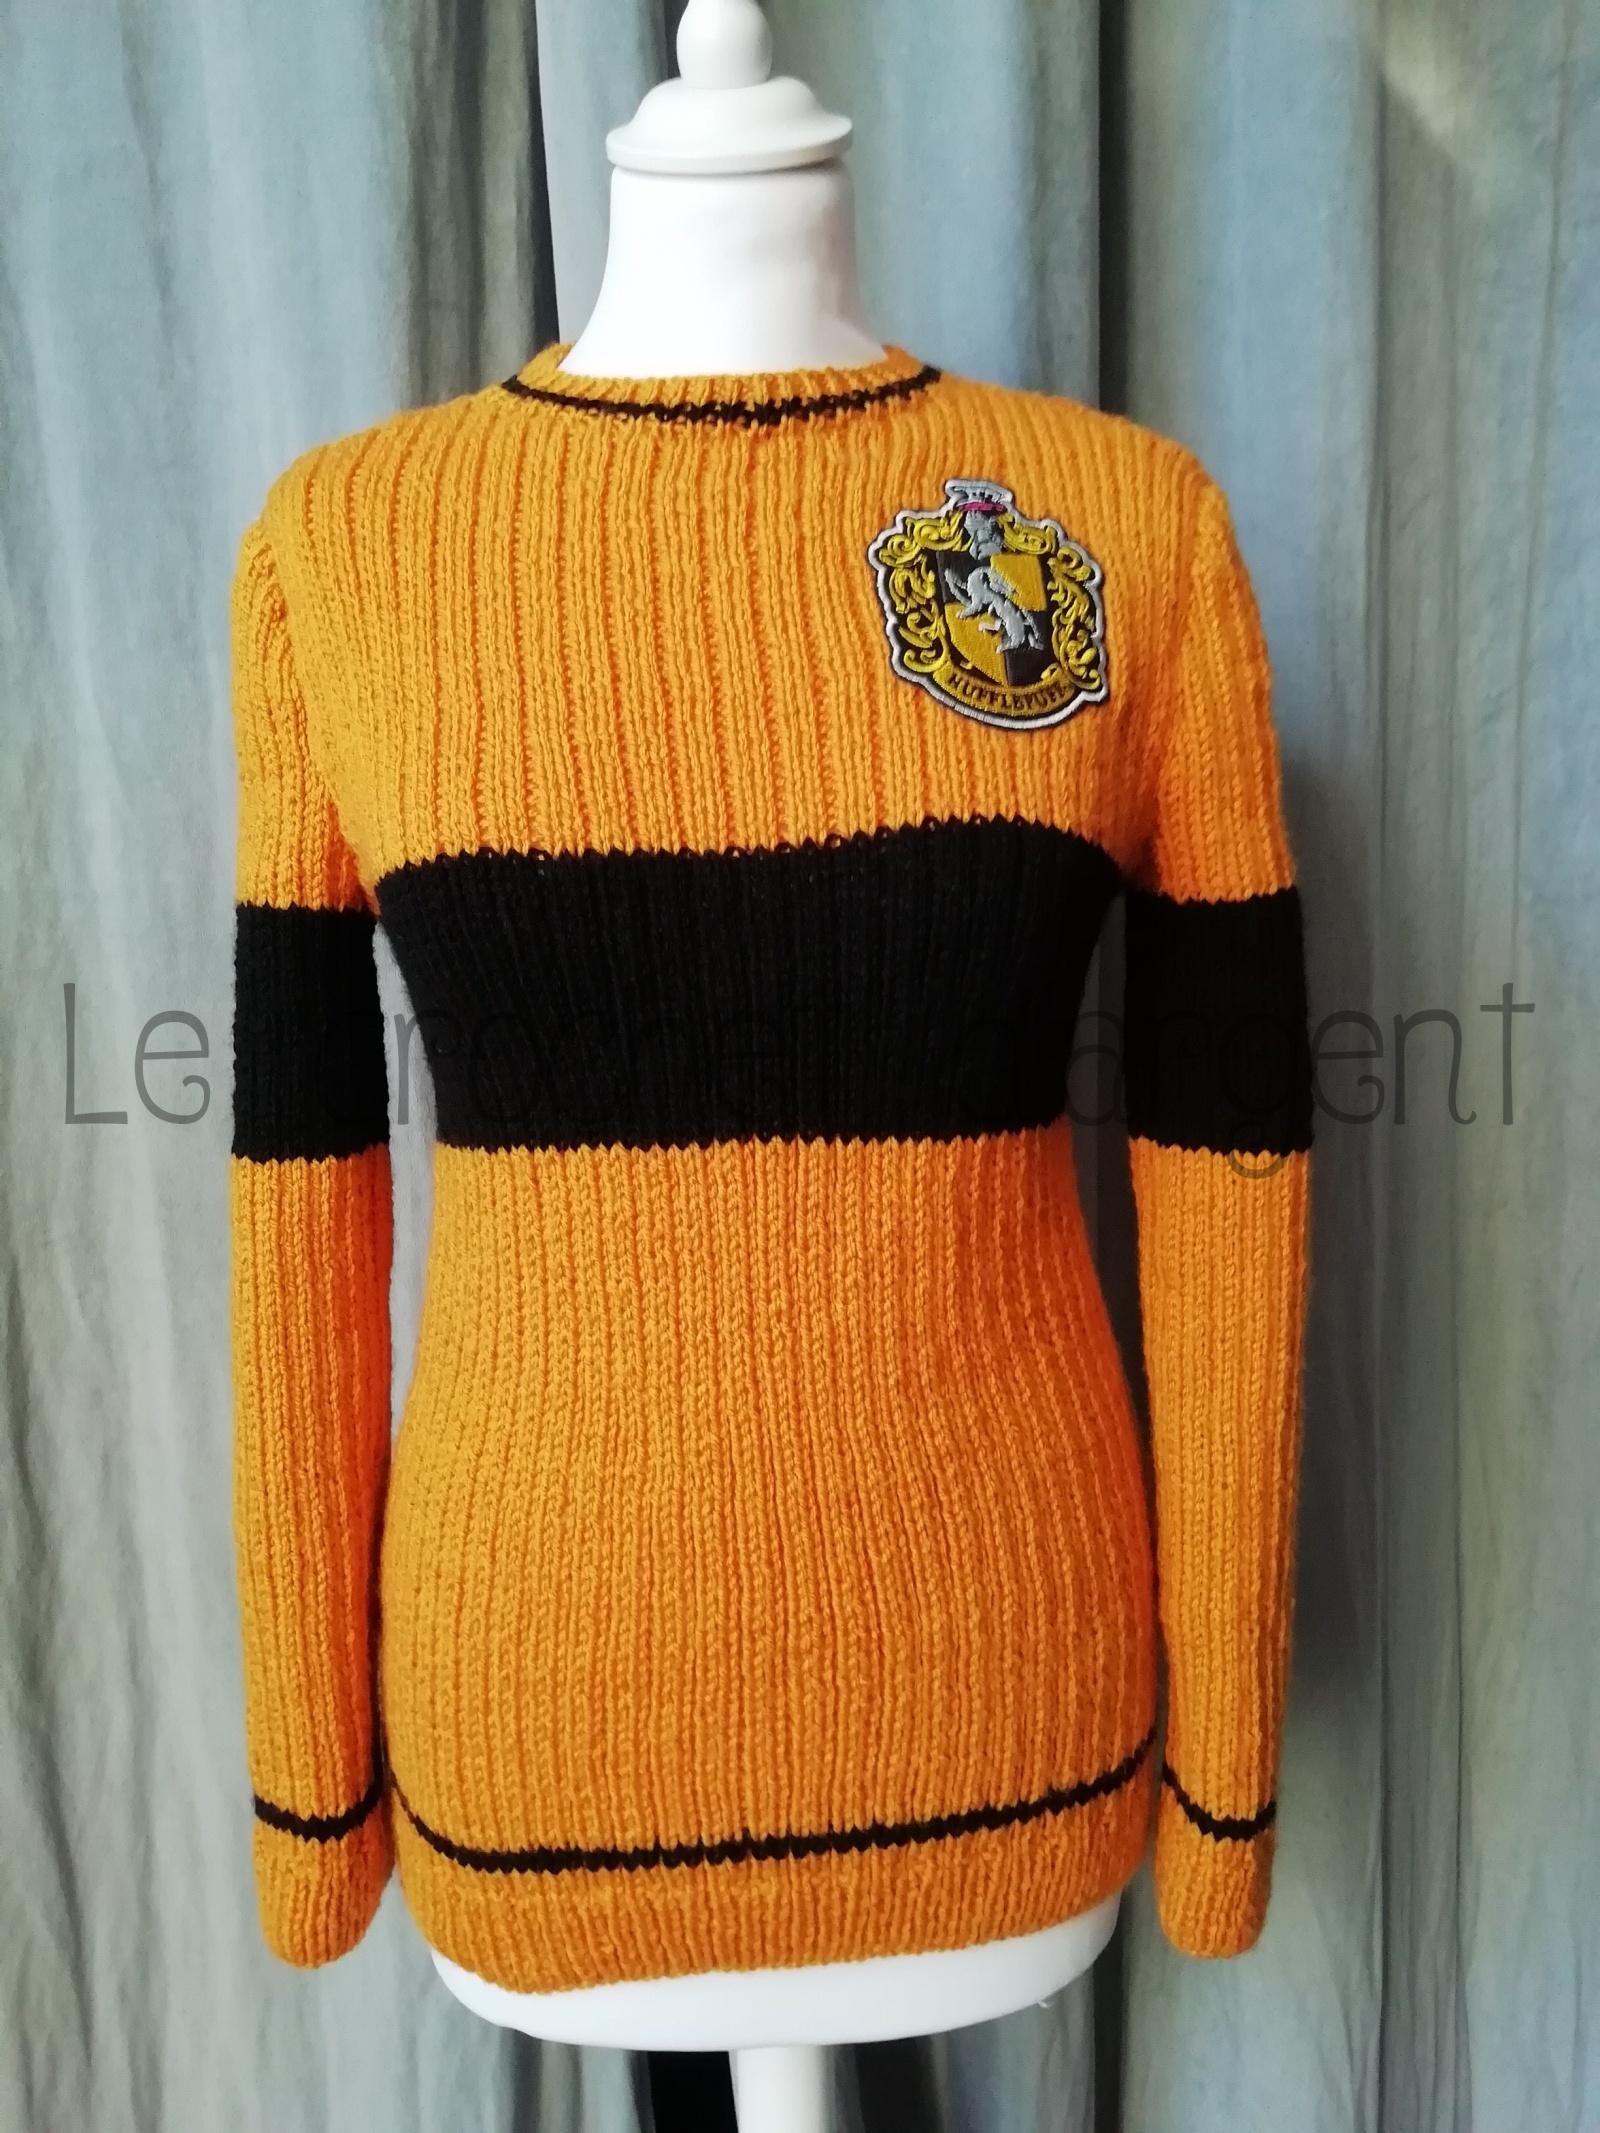 Un pull de Quidditch Harry Potter, taille adulte, aux couleurs de la maison Poufsouffle